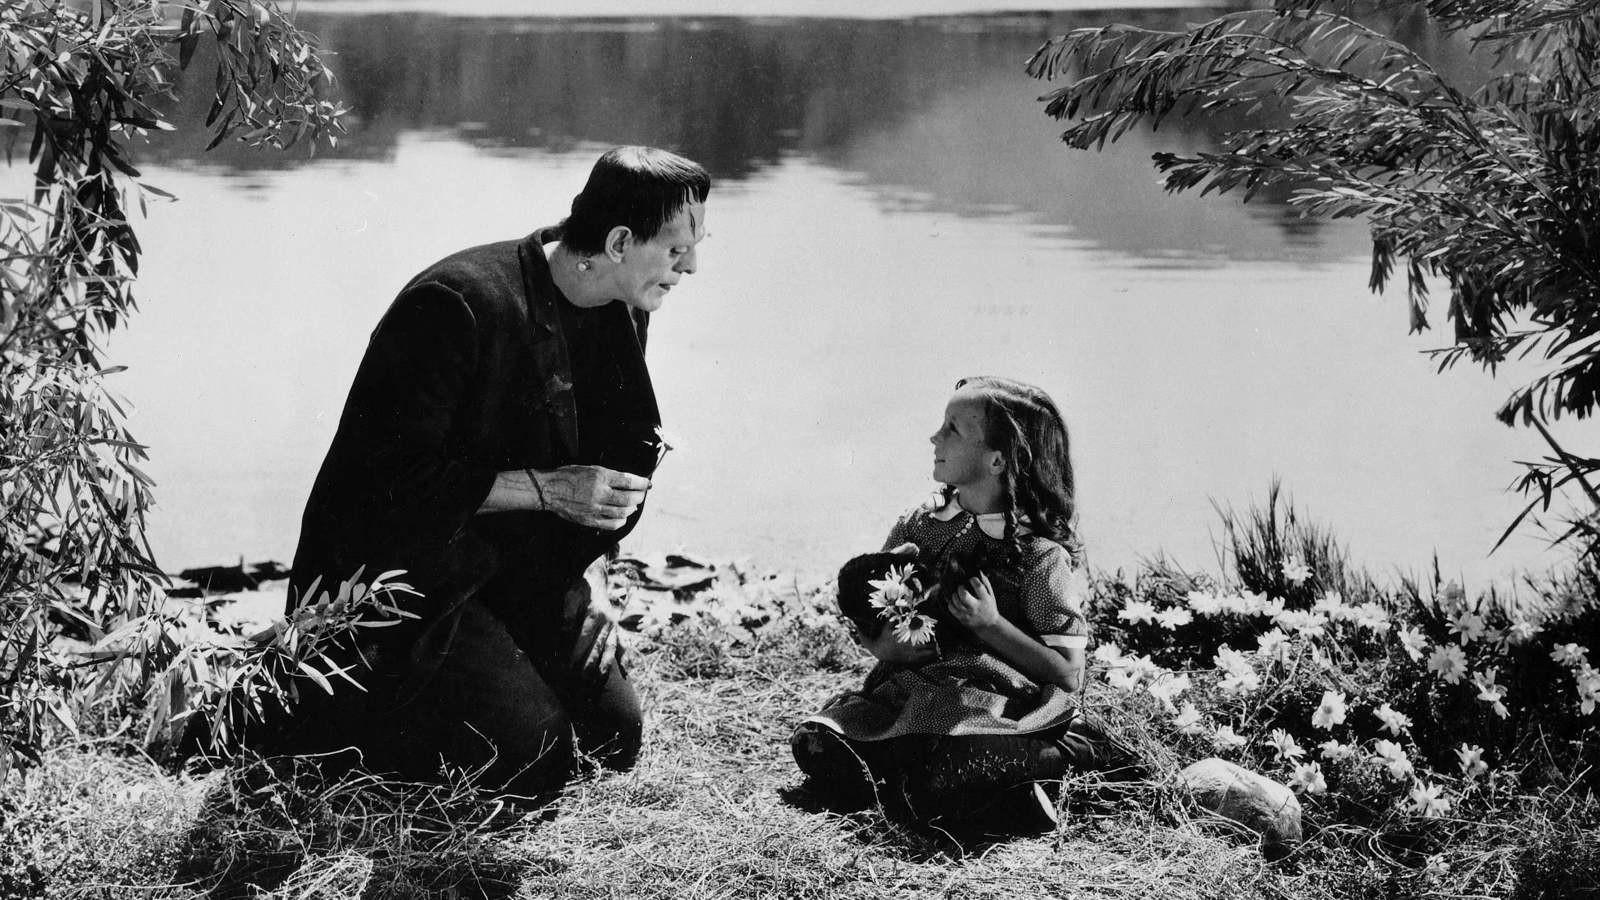 4. Frankenstein (1931)